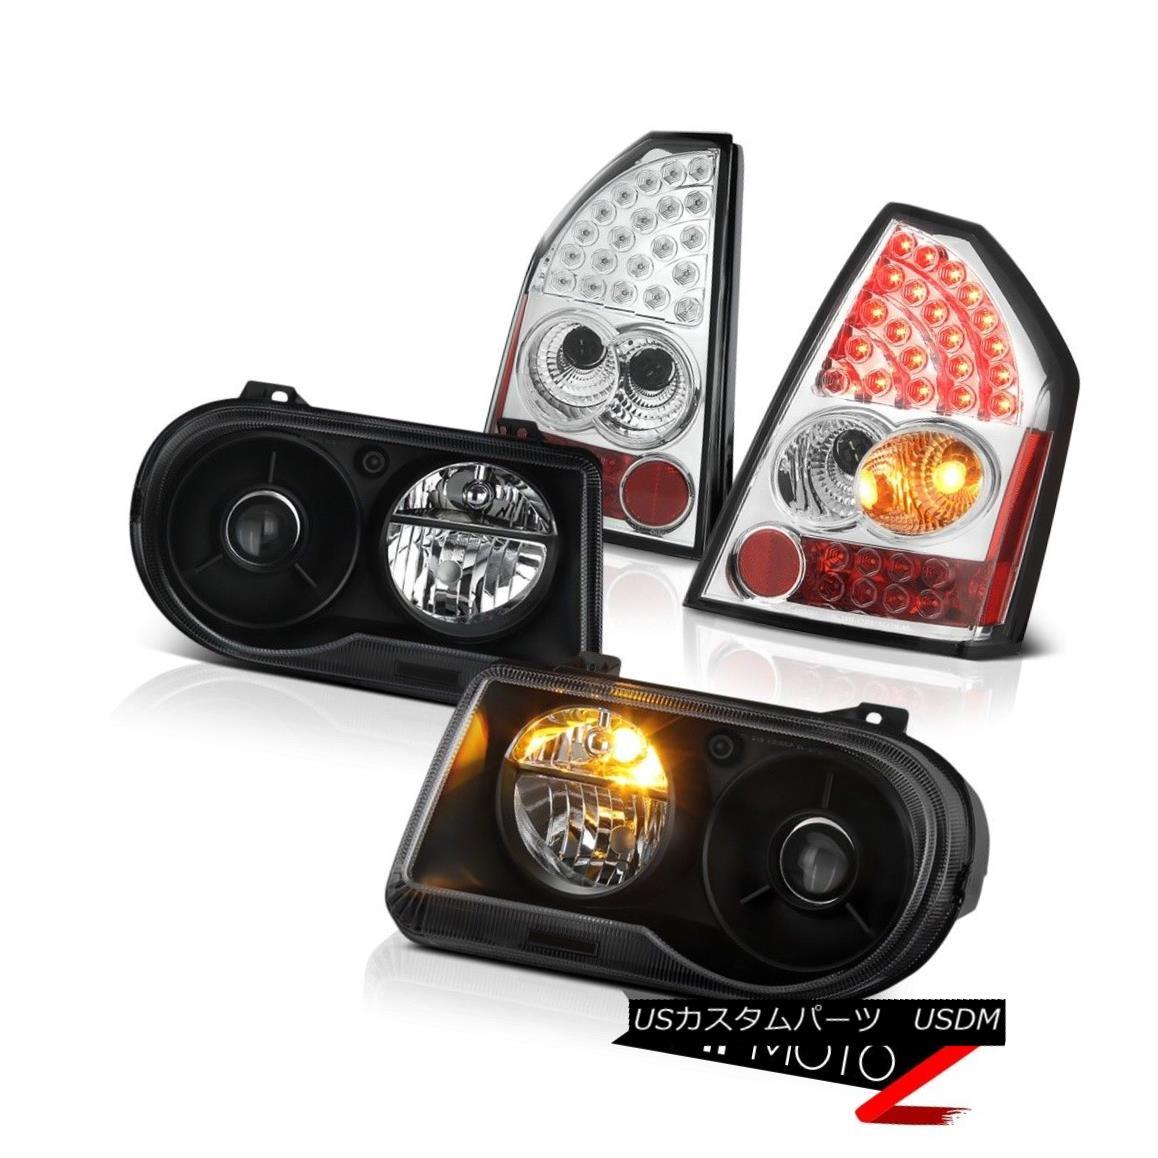 テールライト 2005 2006 2007 Chrysler 300C 6.1L Matte Black Headlights LED Taillamps Chrome 2005 2006 2007 Chrysler 300C 6.1LマットブラックヘッドライトLEDタイルランプクローム